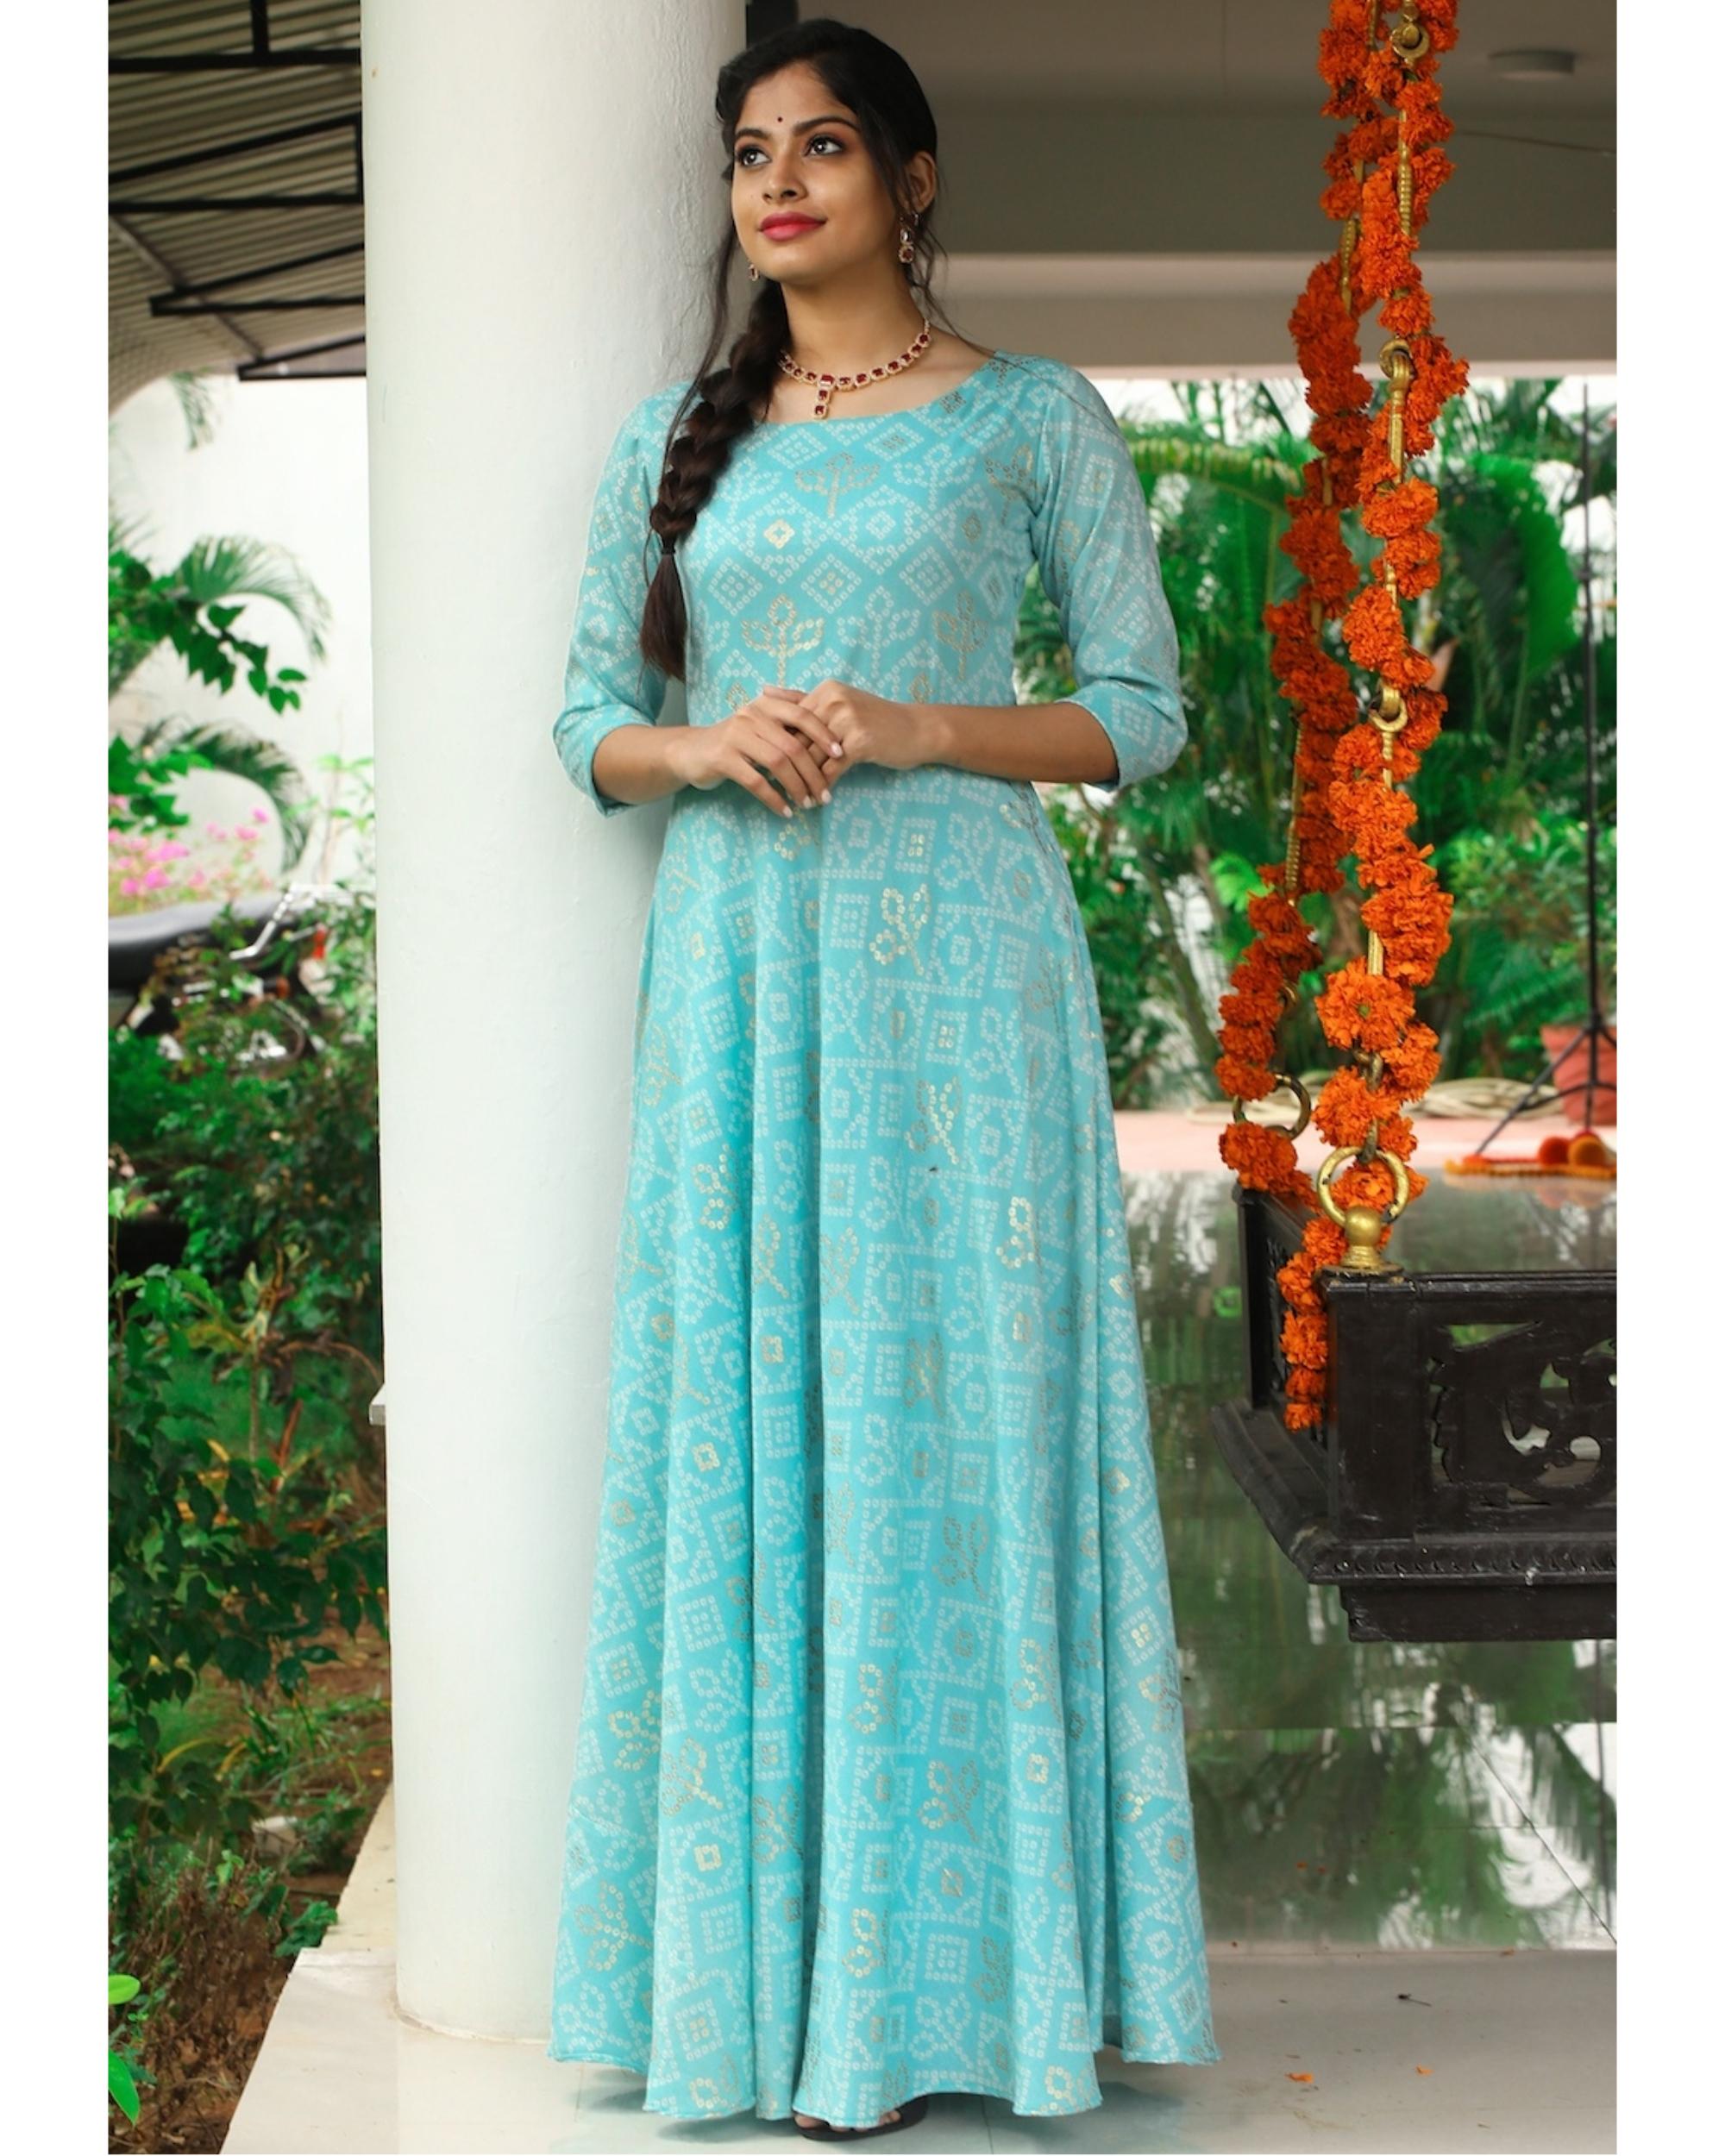 Pastel blue bandhini maxi dress